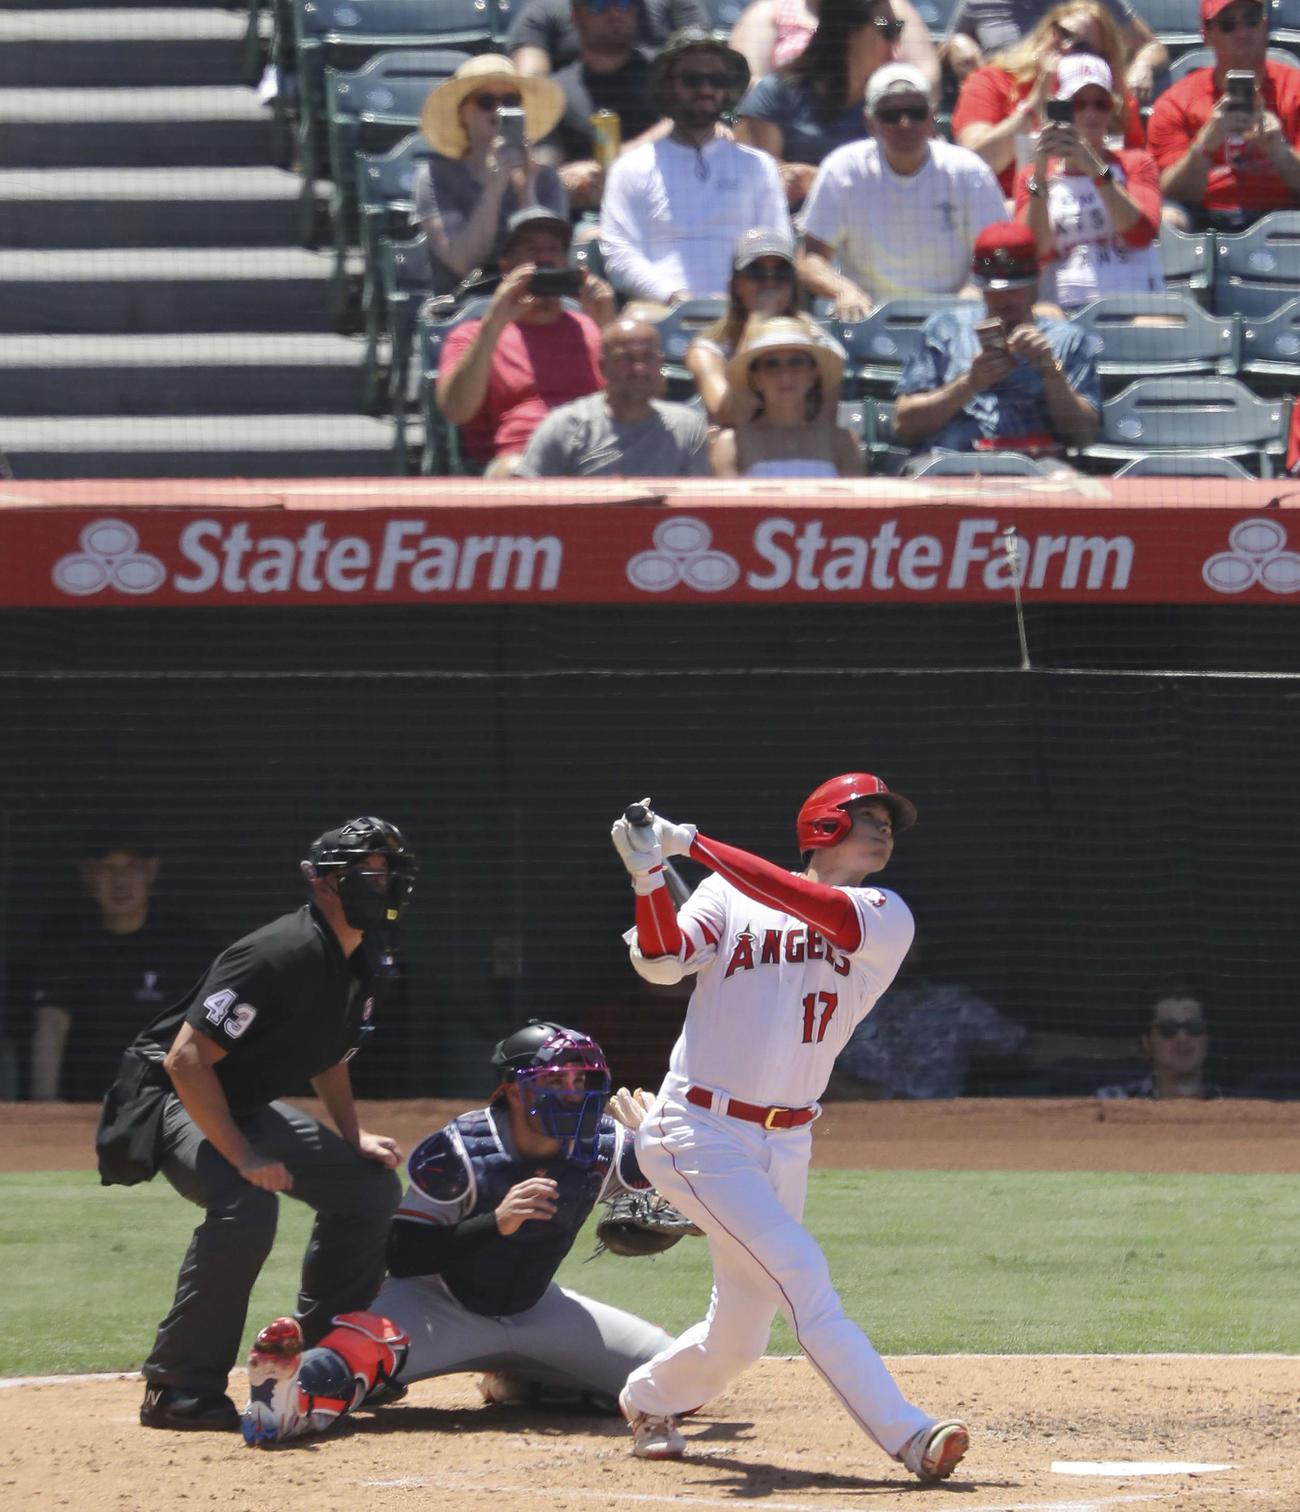 オリオールズ戦の3回、松井秀喜の日本選手シーズン最多本塁打記録に並ぶ31号ソロを放つエンゼルス大谷翔平(共同)